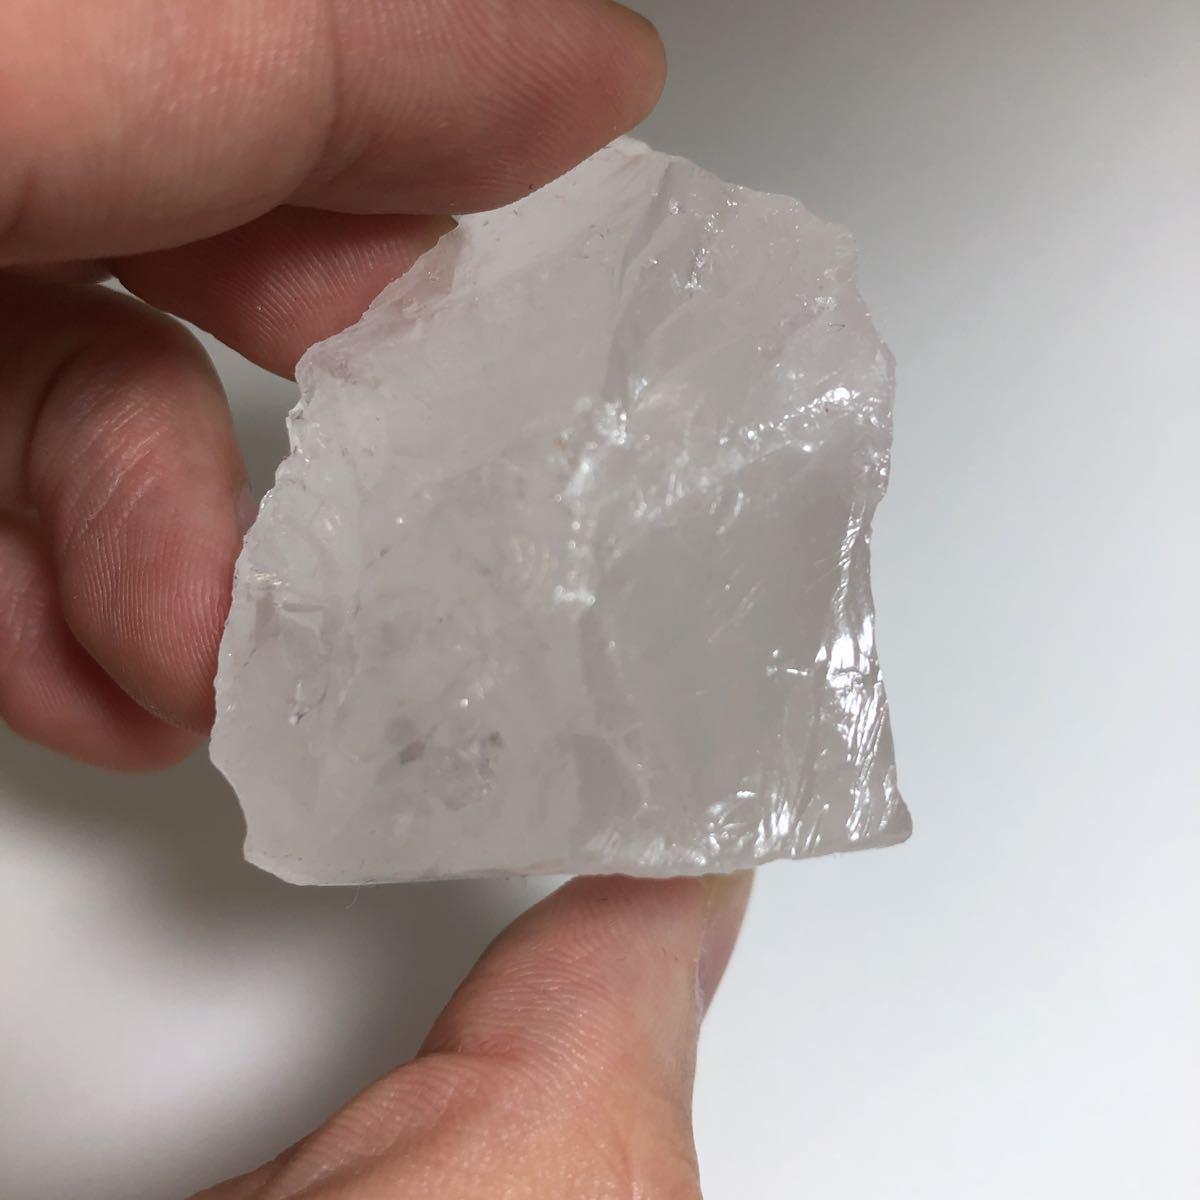 NO:4738 メタモルフォーシス 水晶 ミルキークォーツ ジラソルクォーツ ミルキー ジラソル クォーツ 天然石 原石 パワーストーン 鉱物_画像2